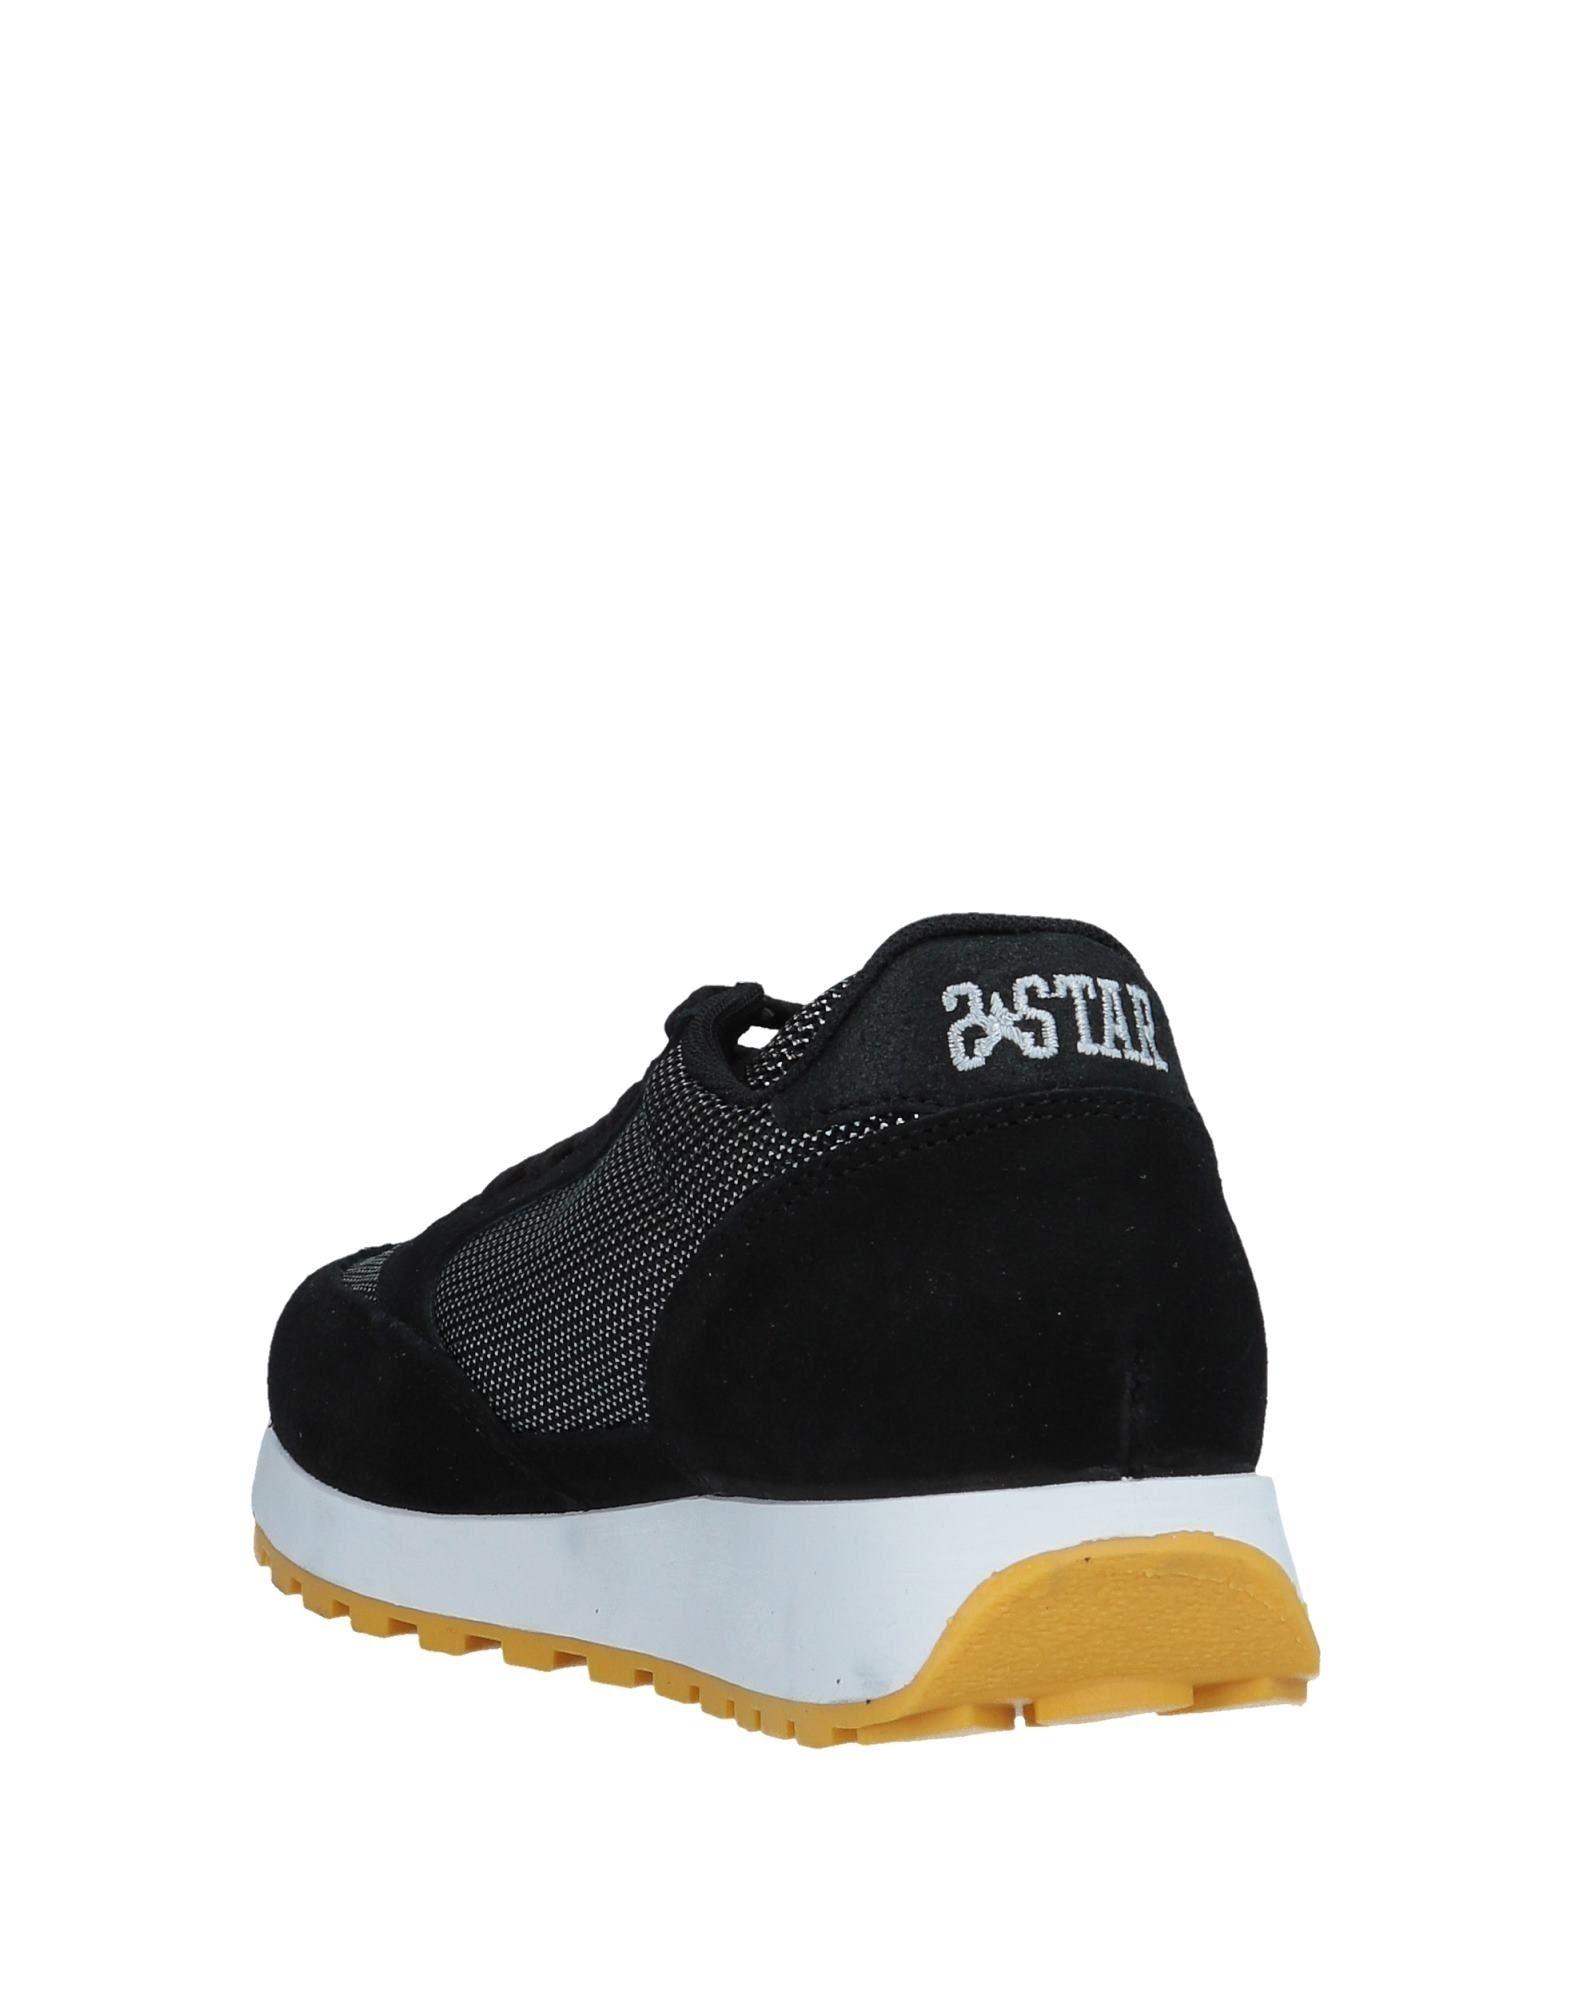 2Star Sneakers Damen  11550874OW Gute Qualität beliebte Schuhe